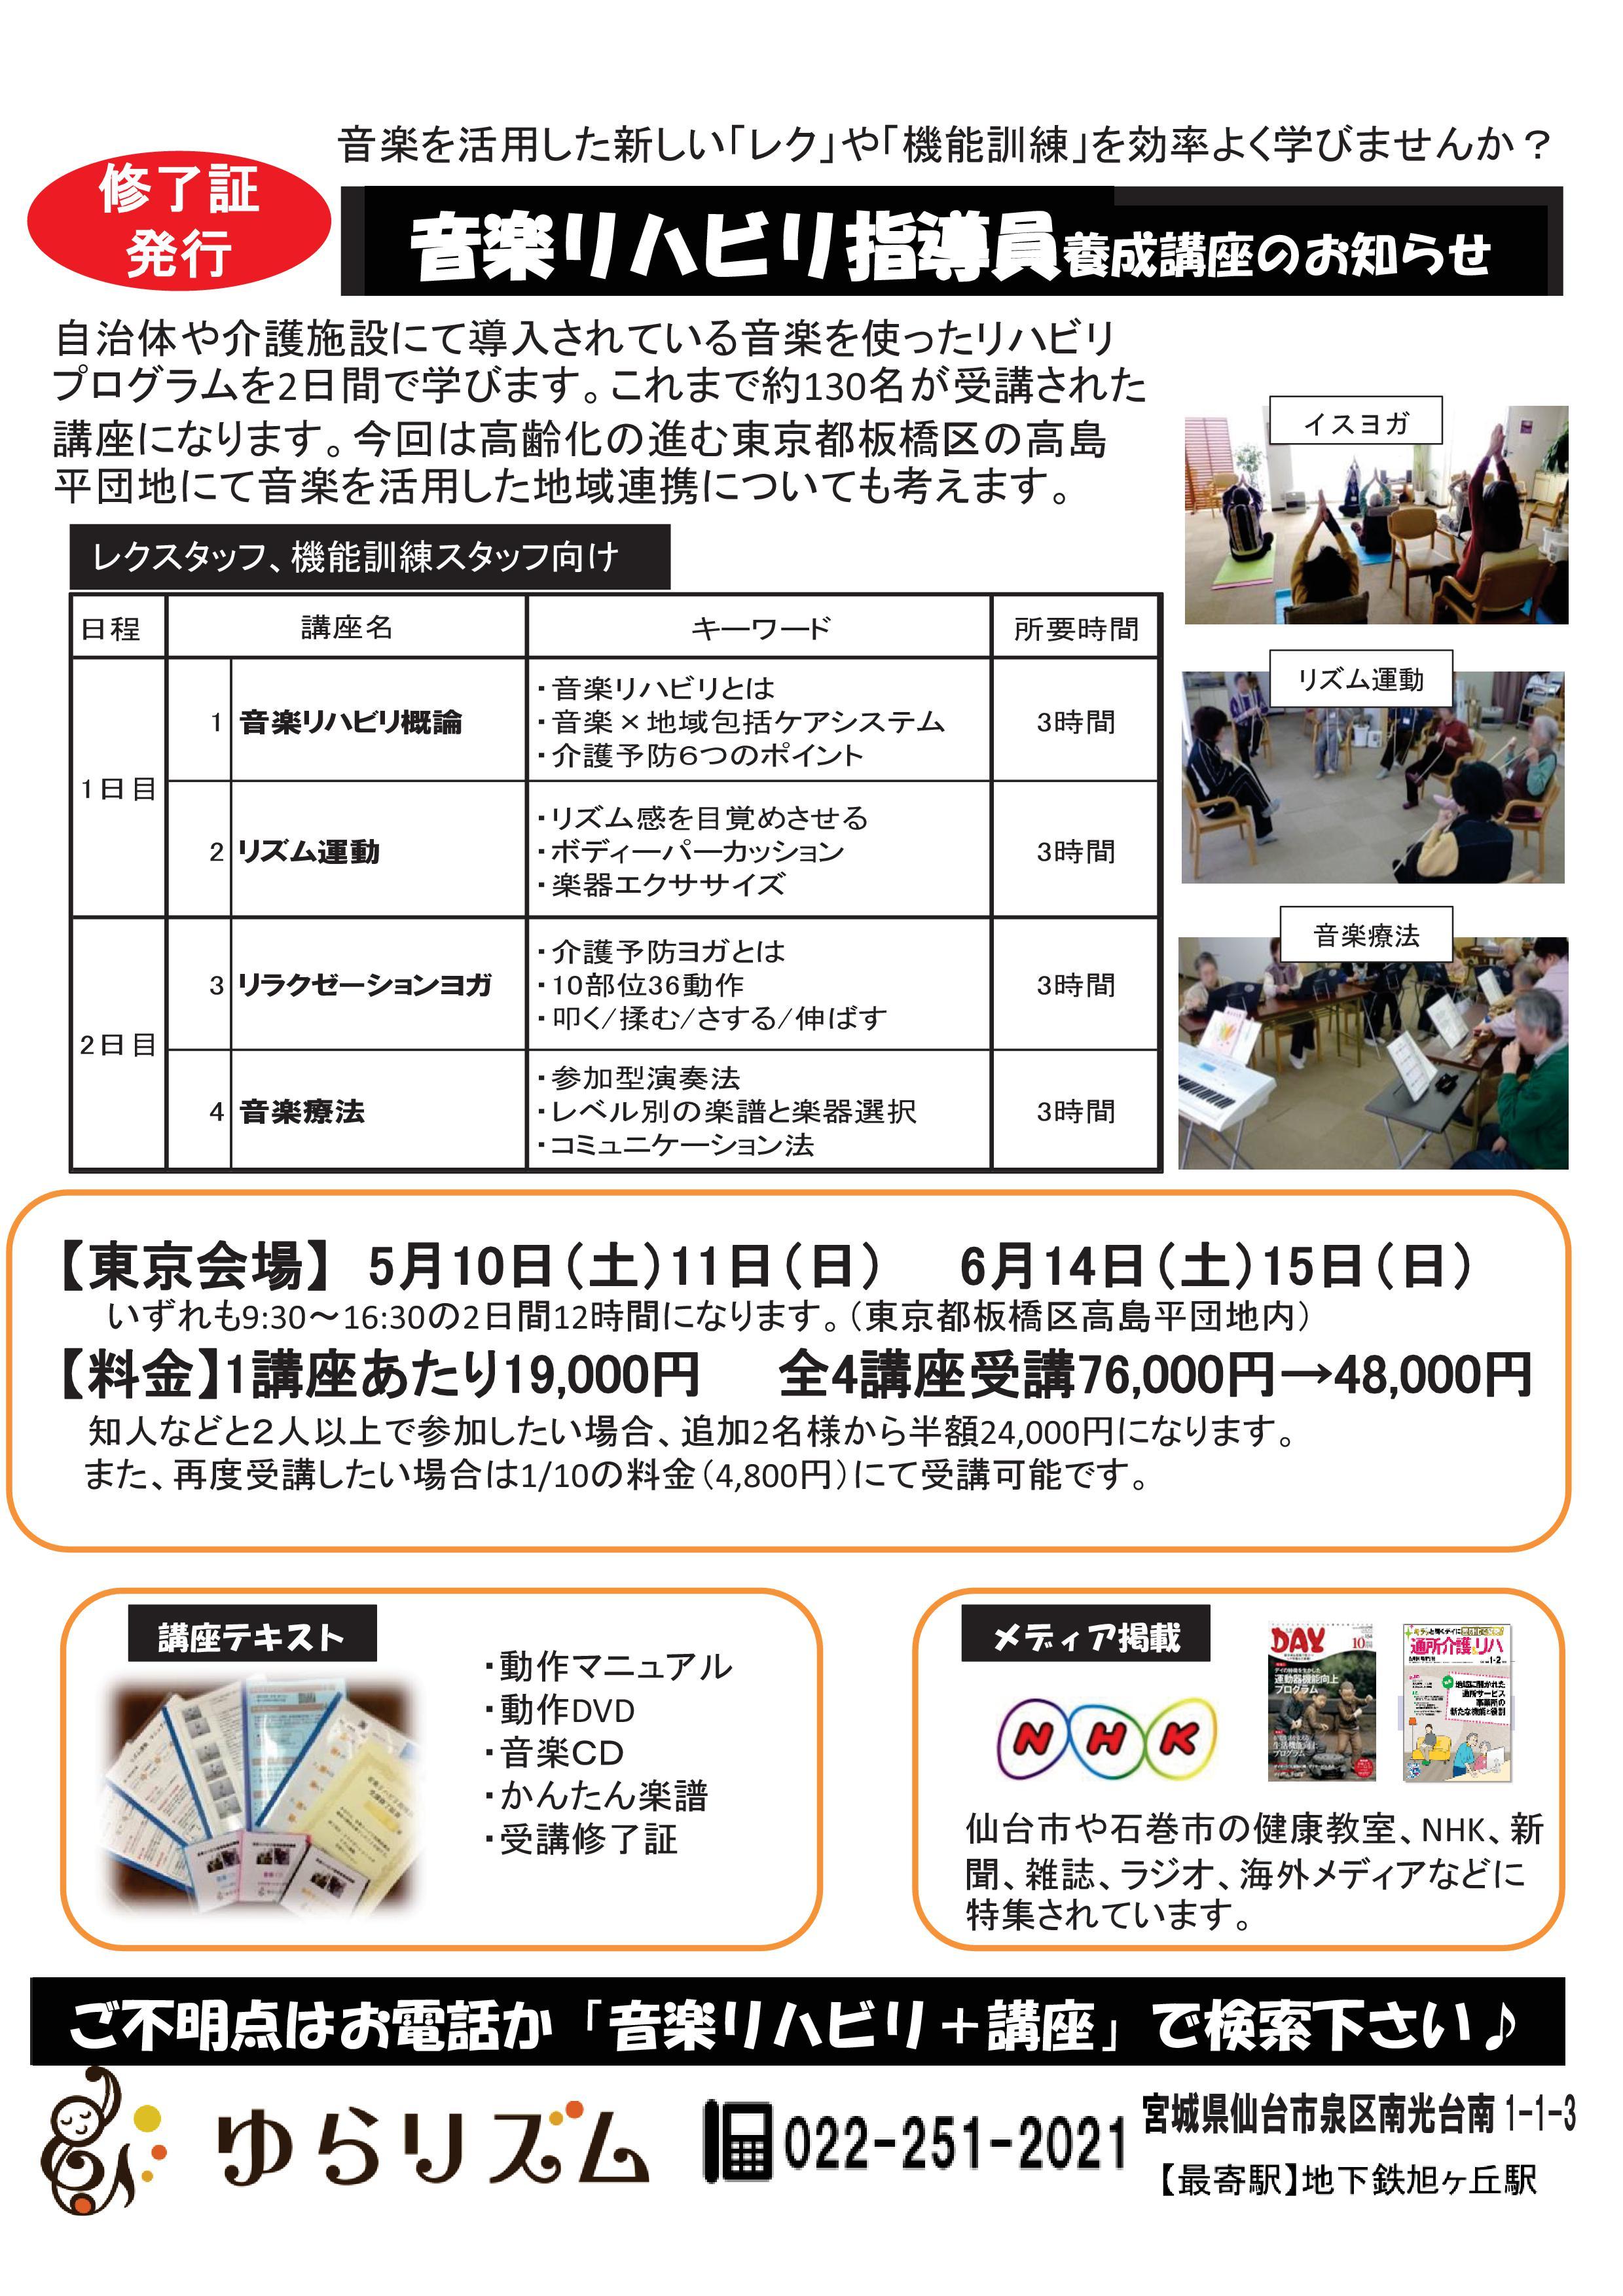 140409 音リハ講座【首都圏)